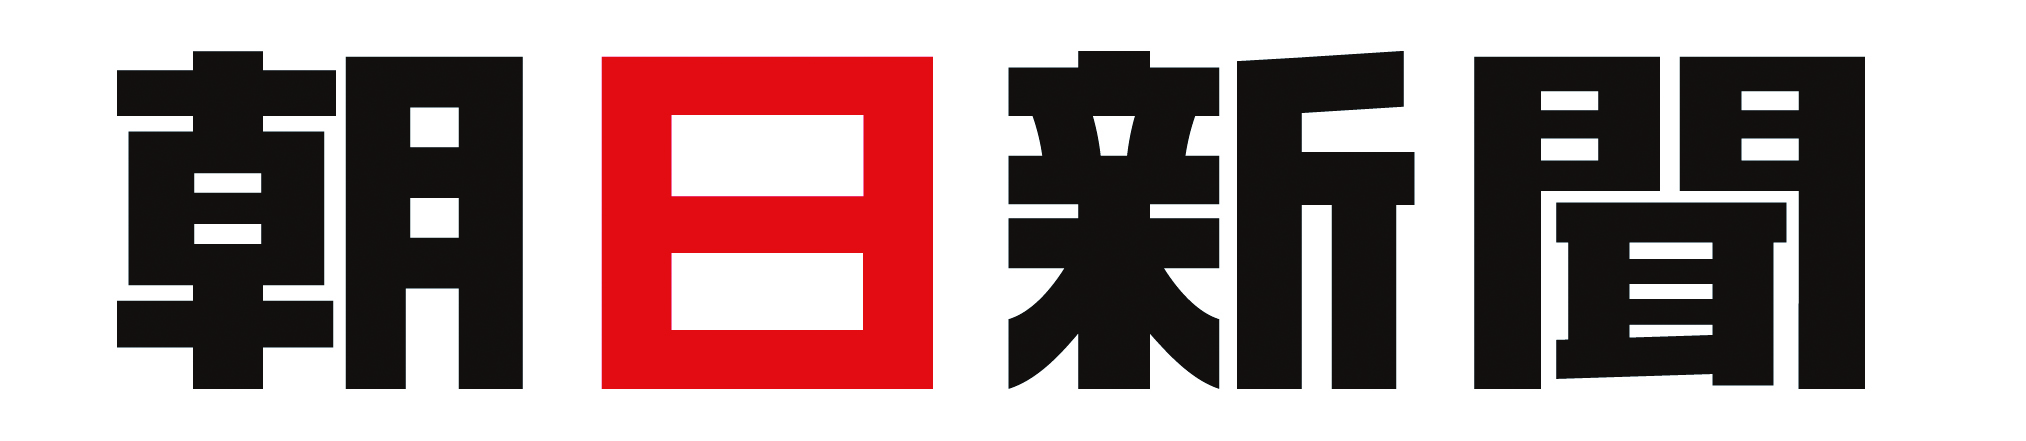 朝日新聞総合サービス株式会社 編集局業務担当(編集サポート課)